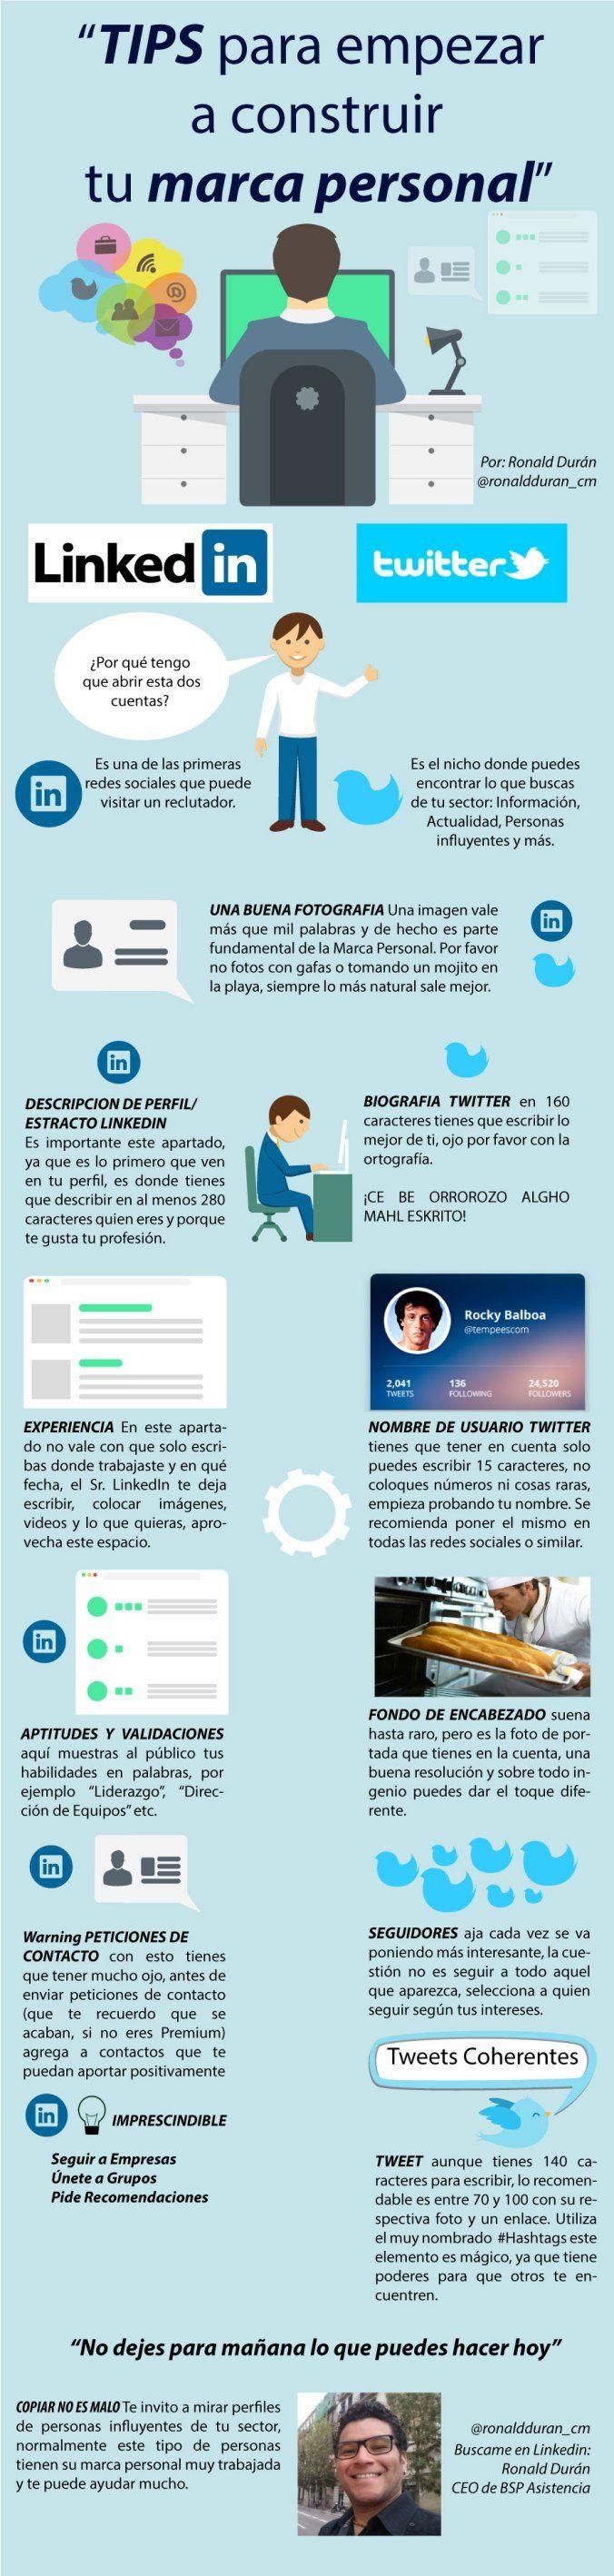 Hola: Una infografía sobre consejos para construir tu Marca Personal. Vía Un saludo